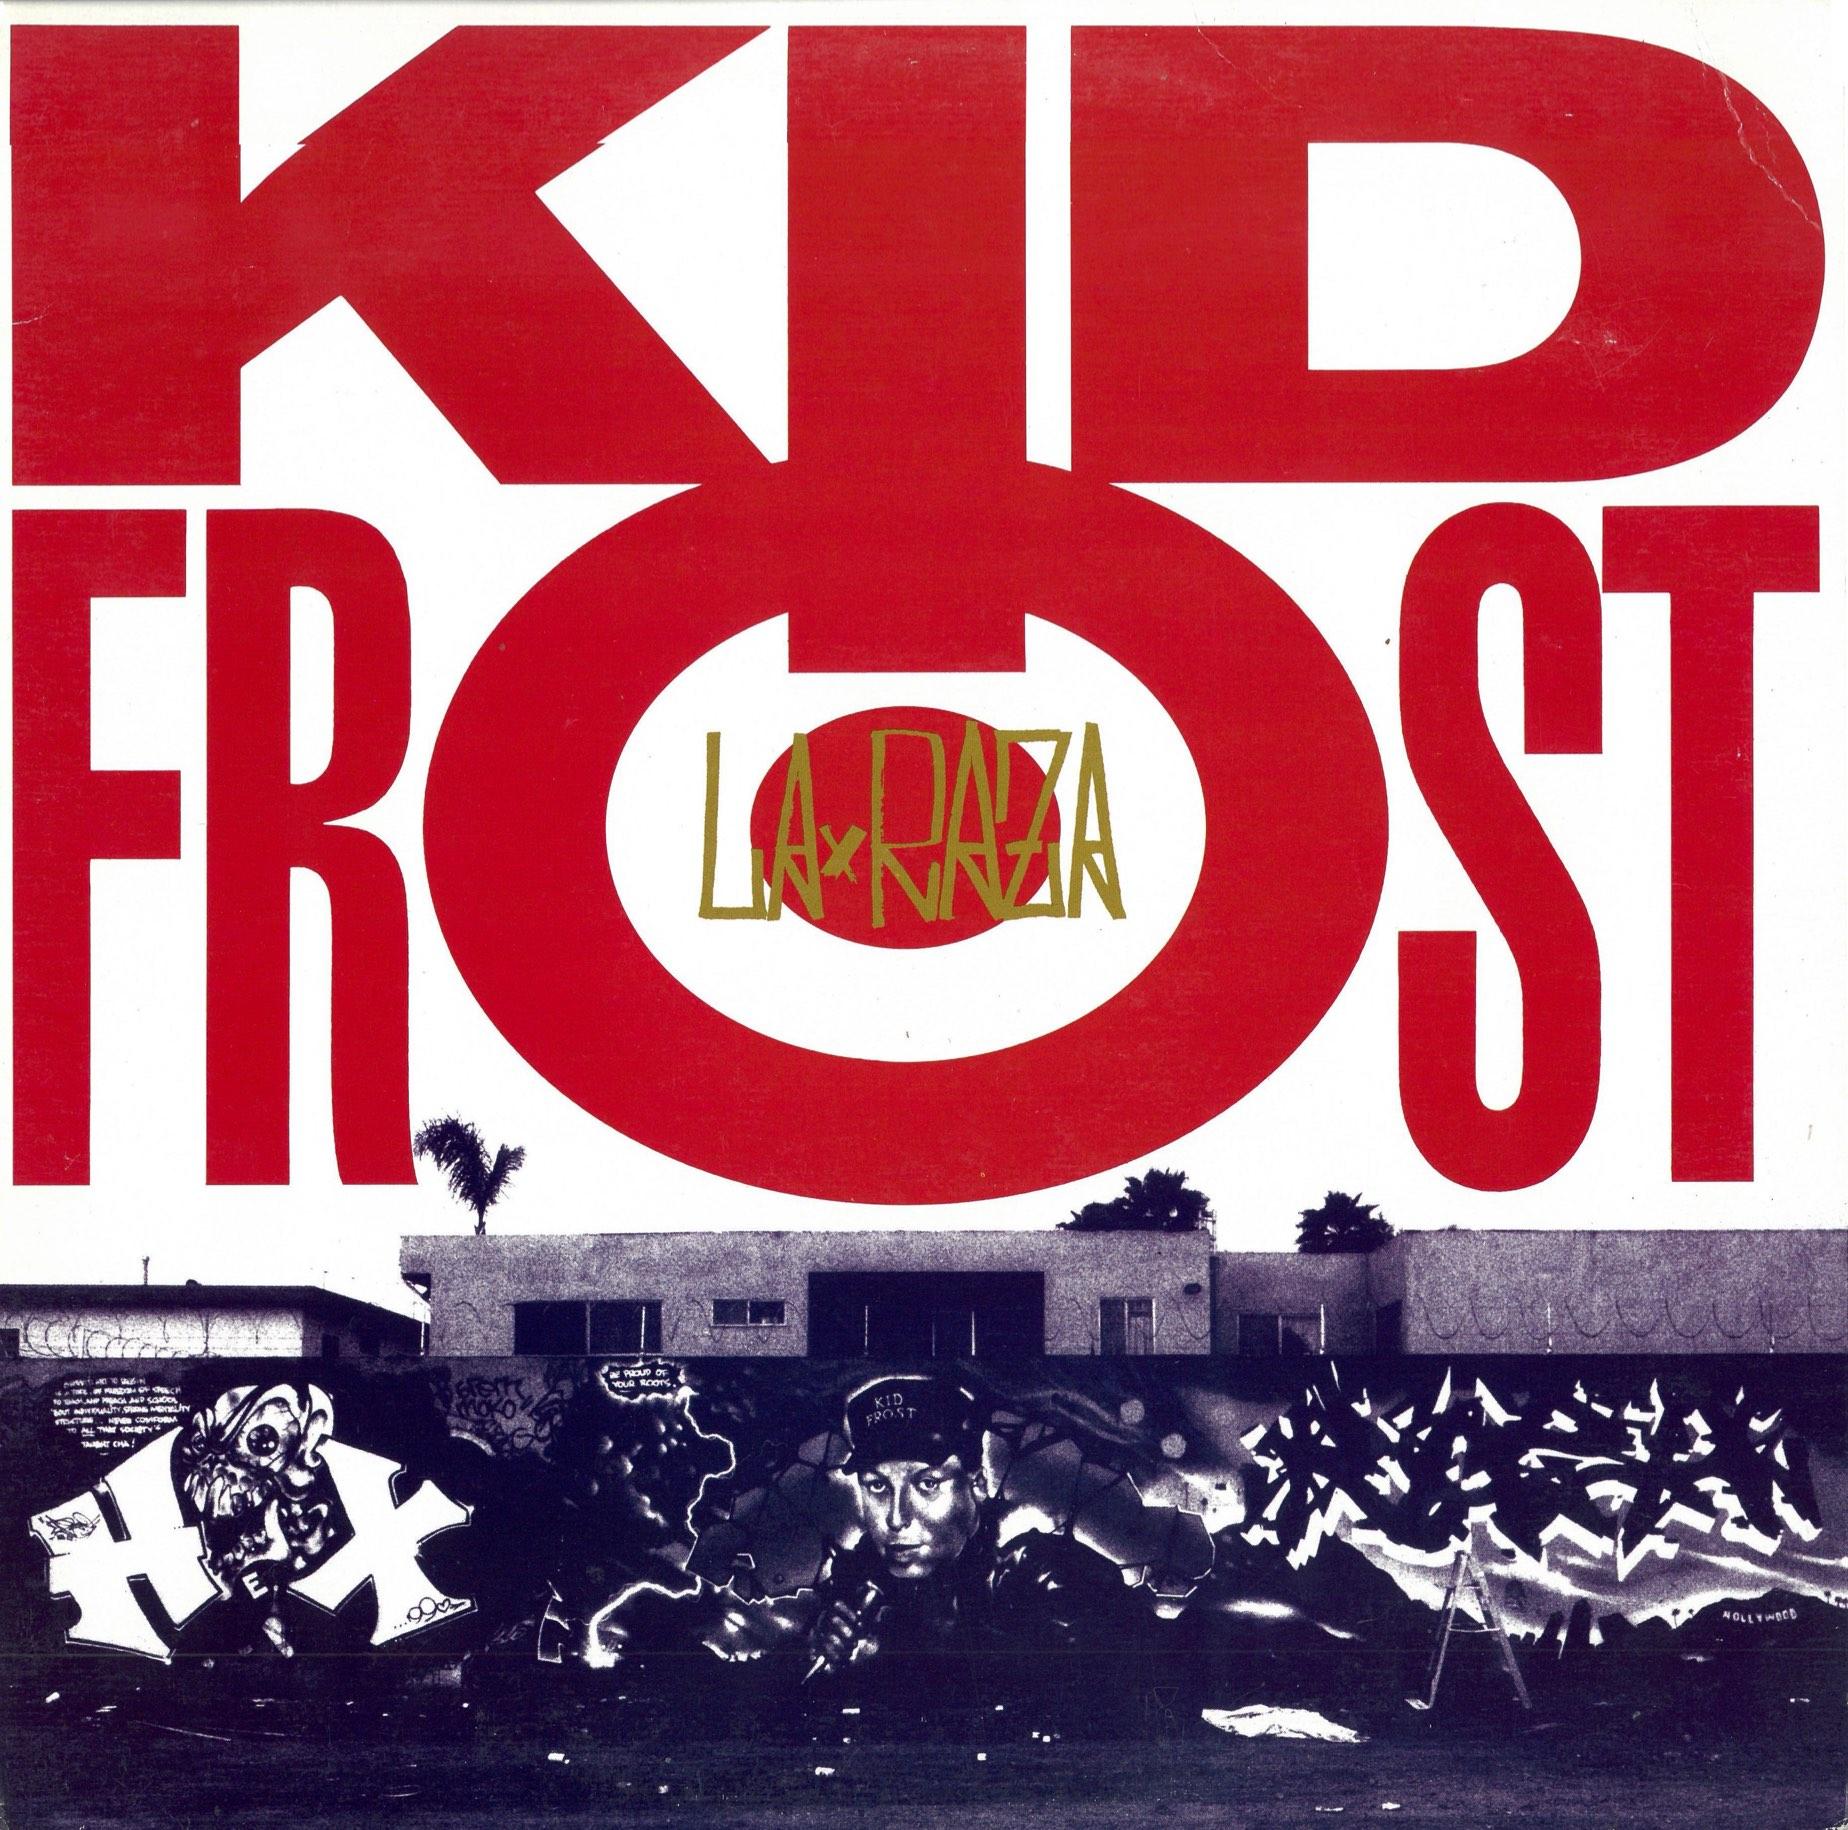 1990_Kid_Frost